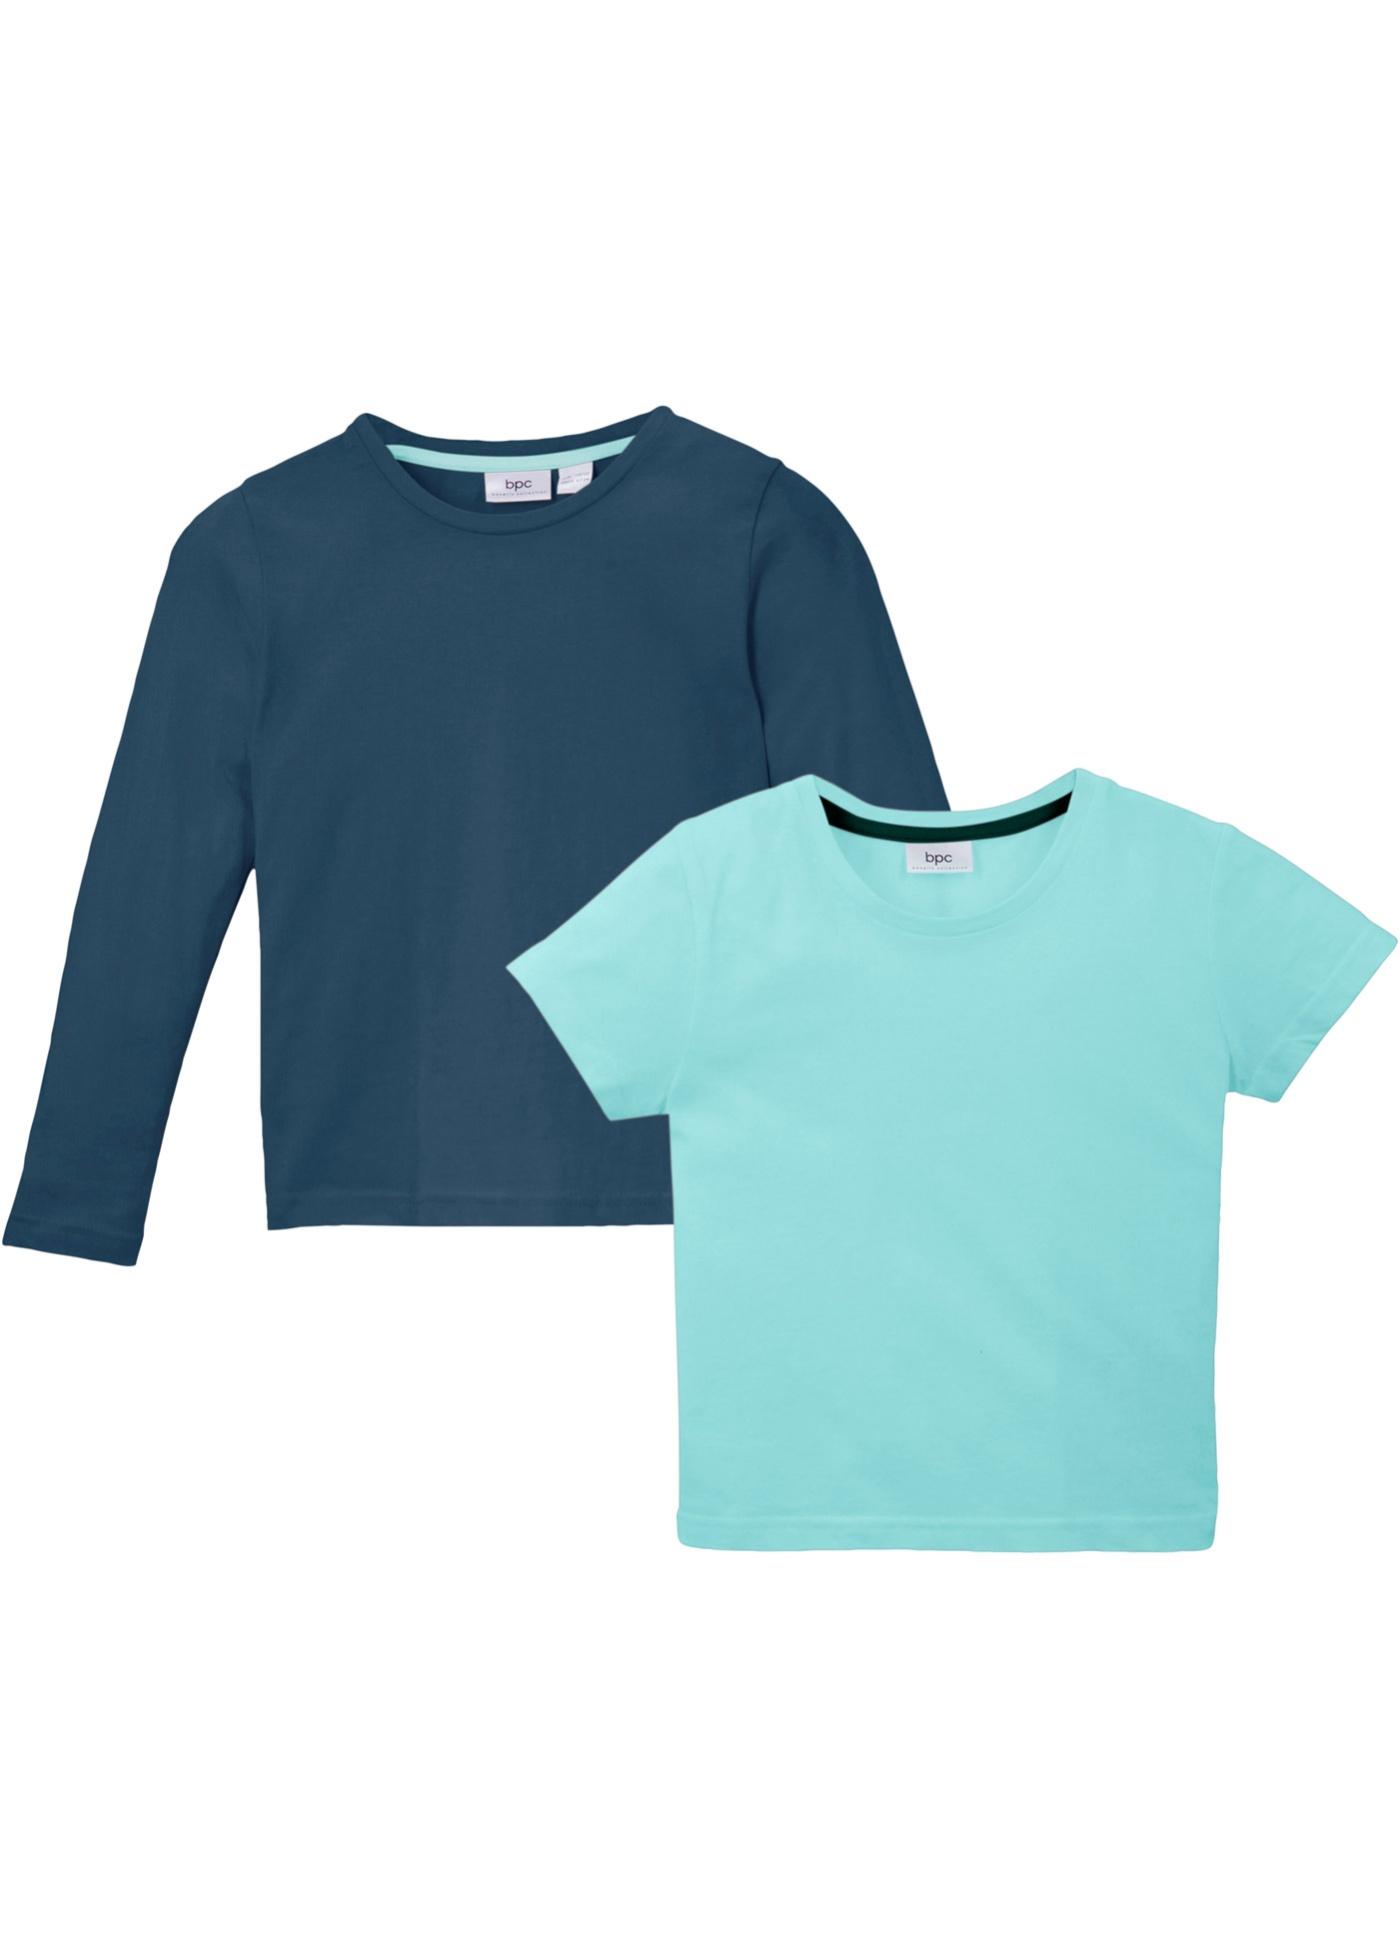 T-shirt e maglia a maniche lunghe (set 2 pezzi) (Blu) - bpc bonprix collection